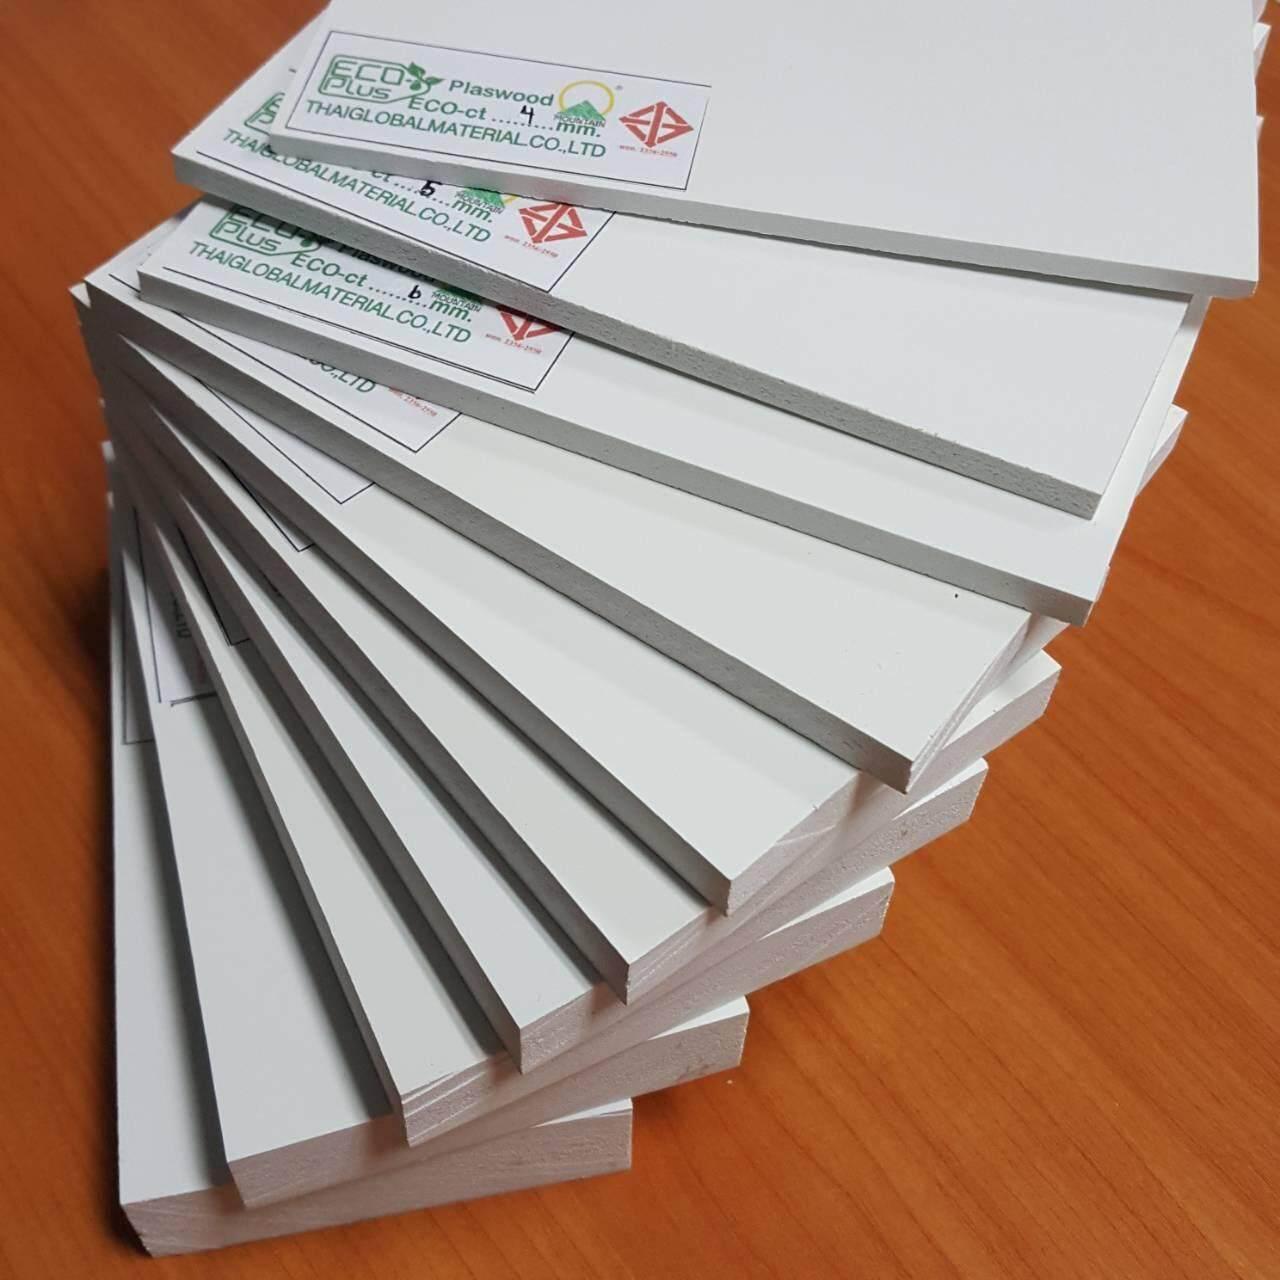 ecoplus แผ่นพลาสวูด เกรดภายนอก ขนาด 40x60 cm หนา 10 mm แพค 4 แผ่น(สีขาวพื้นเรียบ)